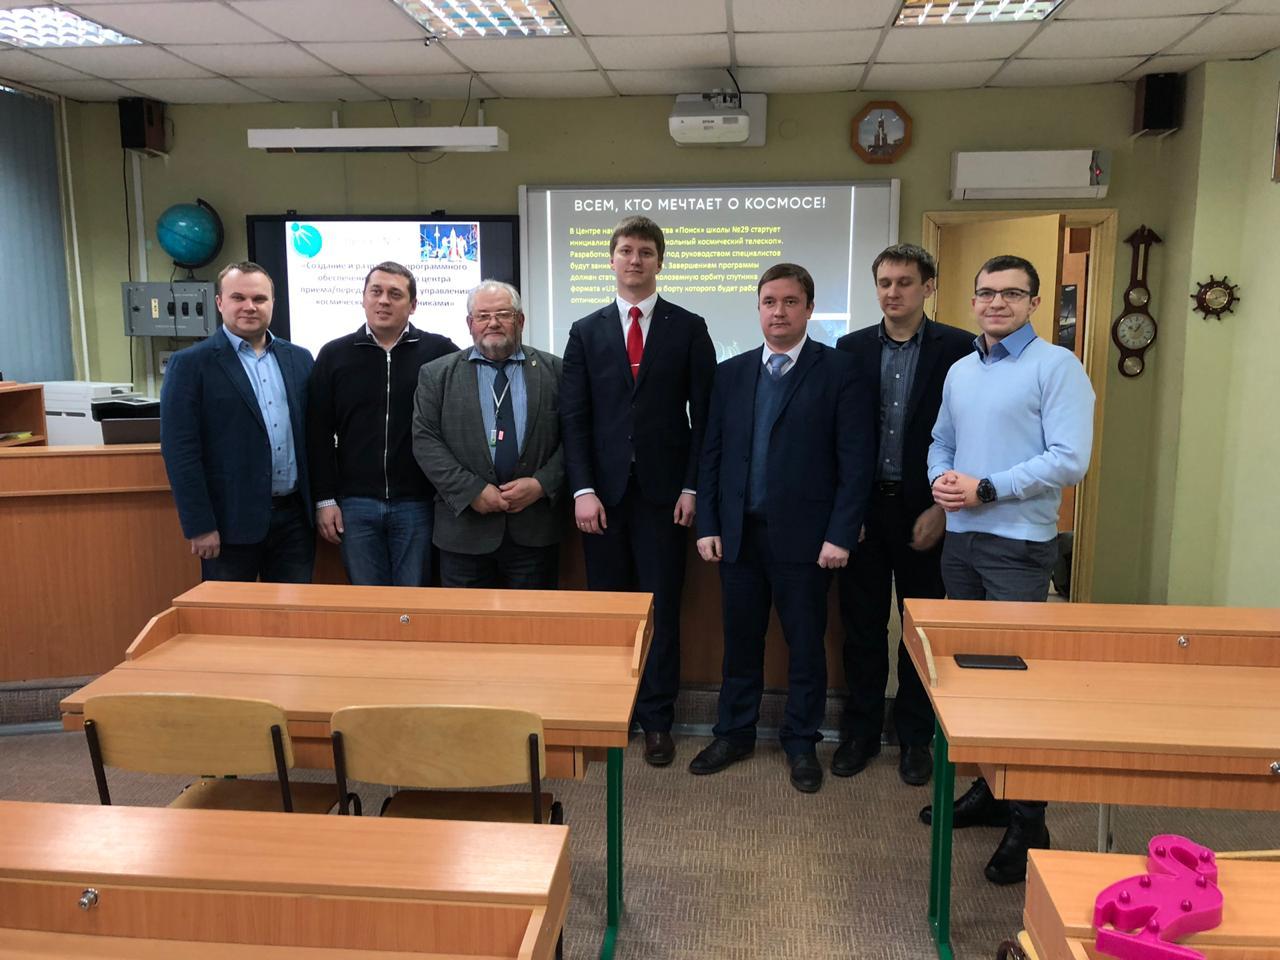 Союз науки, производства и образования в Подольске - НПО Луч, завод Трансформер, школа 29.